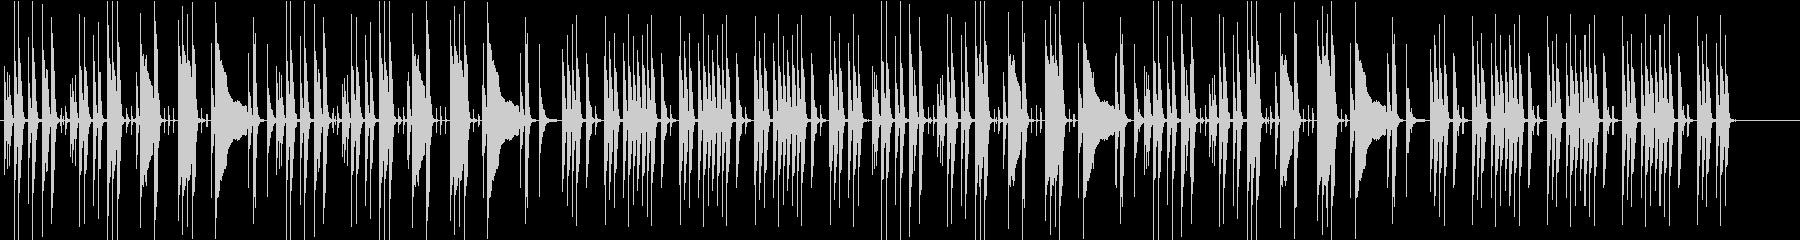 日常系のおちついた劇判の未再生の波形